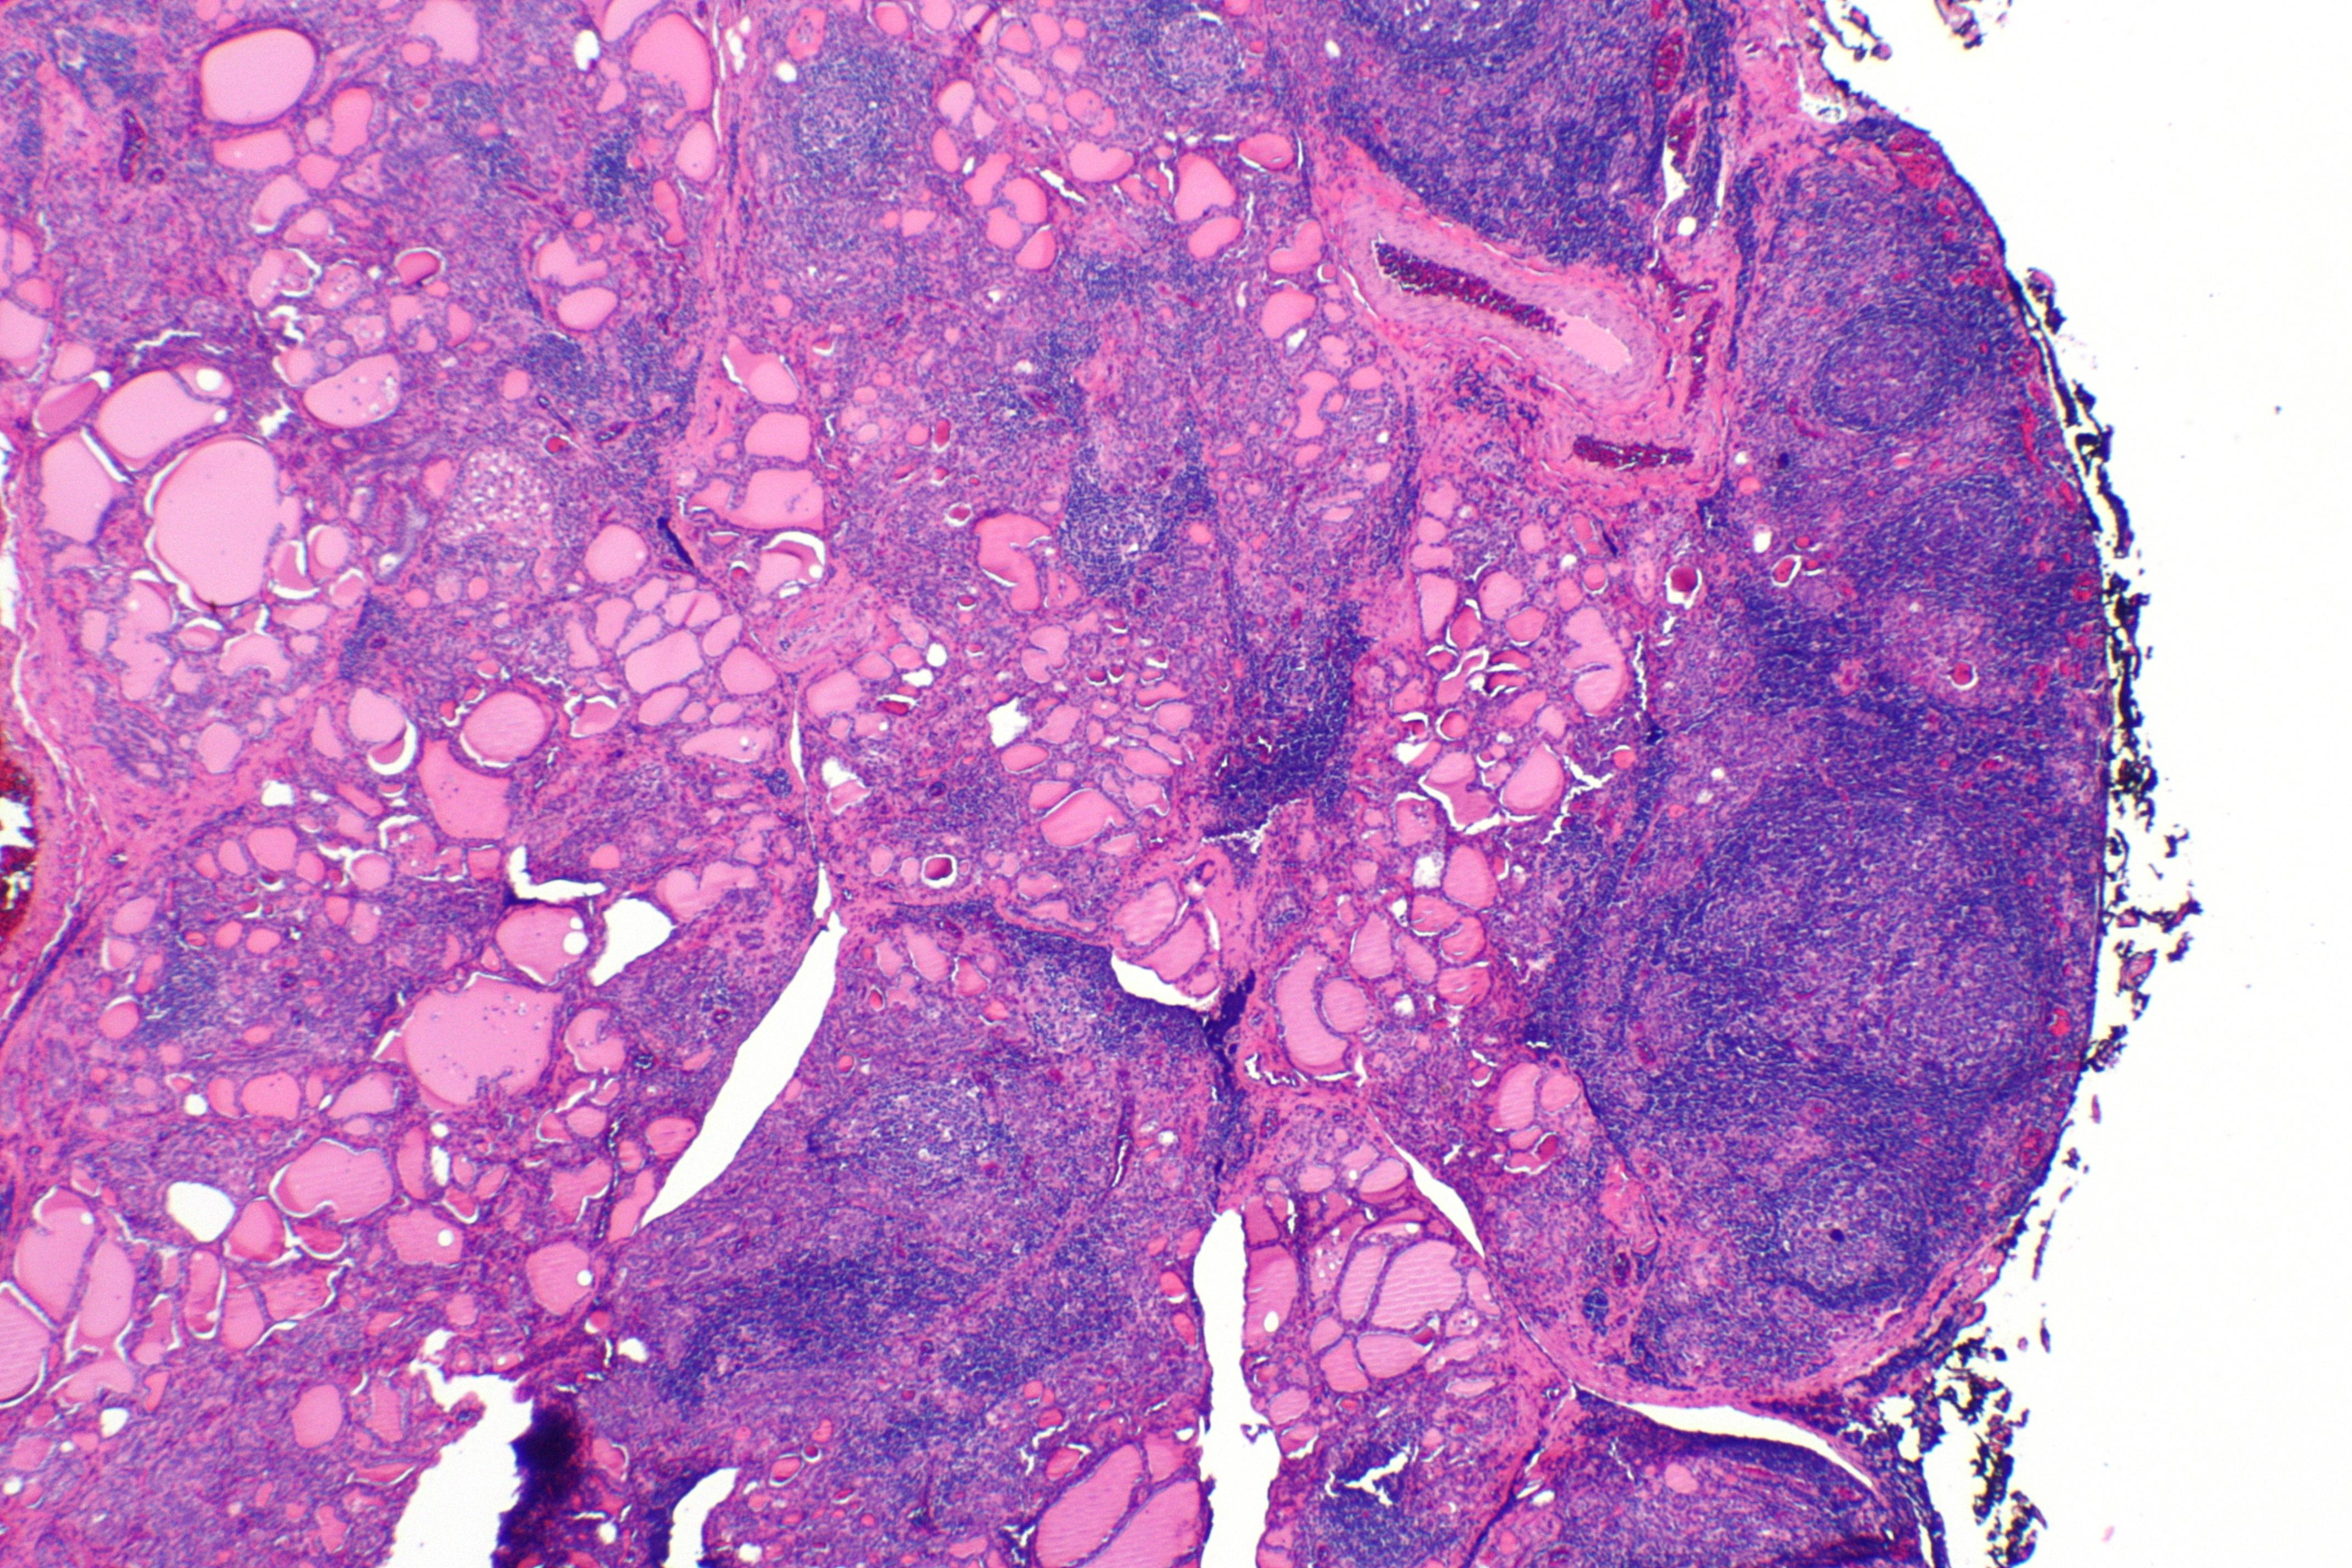 Hashimoto S Thyroiditis Wikipedia